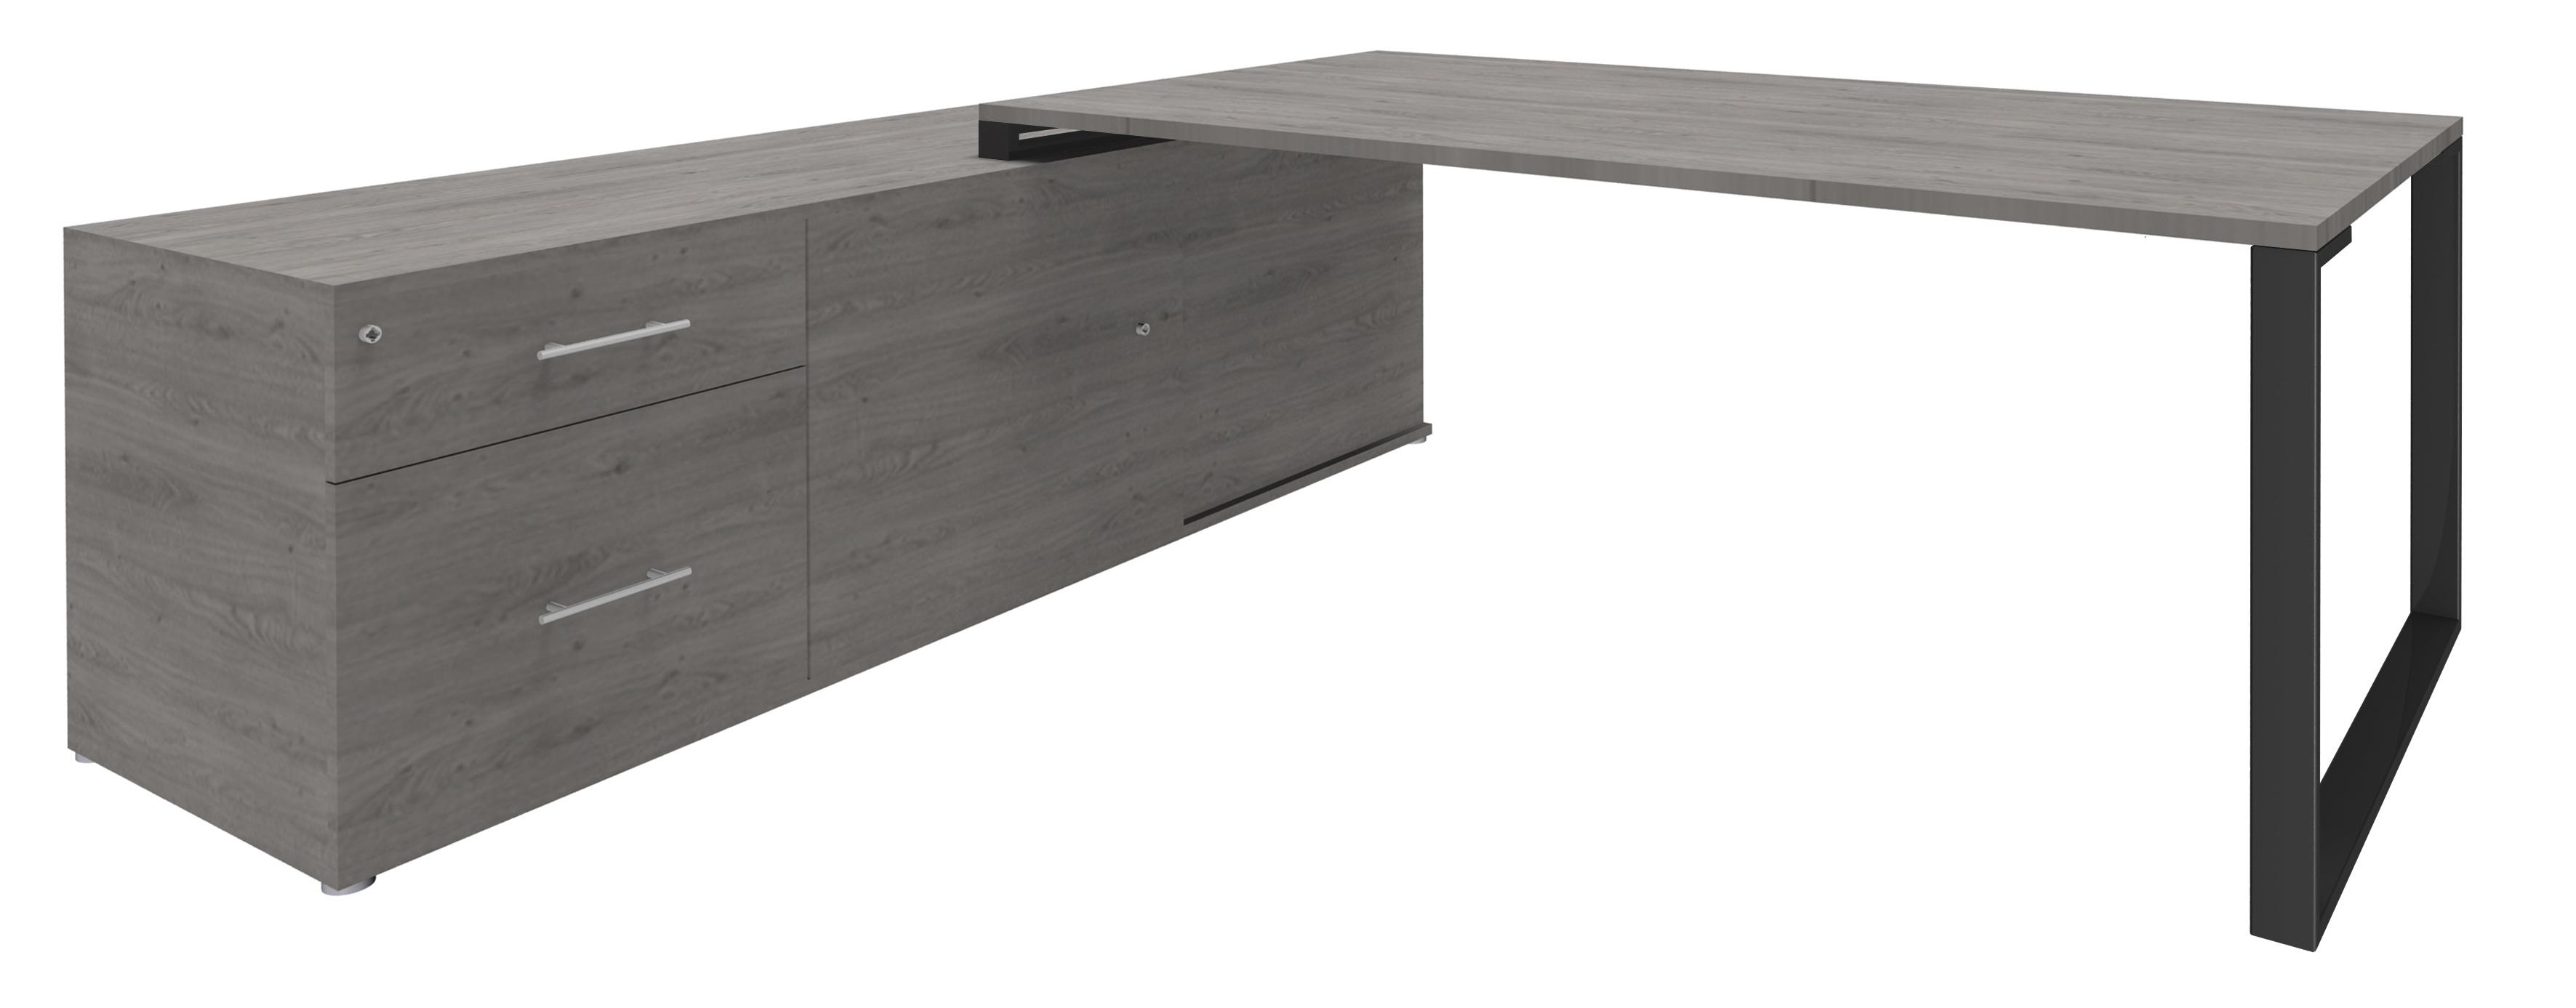 Bureau URBAN Manager - L180 x P100 x H72,5 cm - console retour à gauche (tiroirs) L200 x P60 x H72,5 cm - pieds carbone - plateau imitation chêne gris